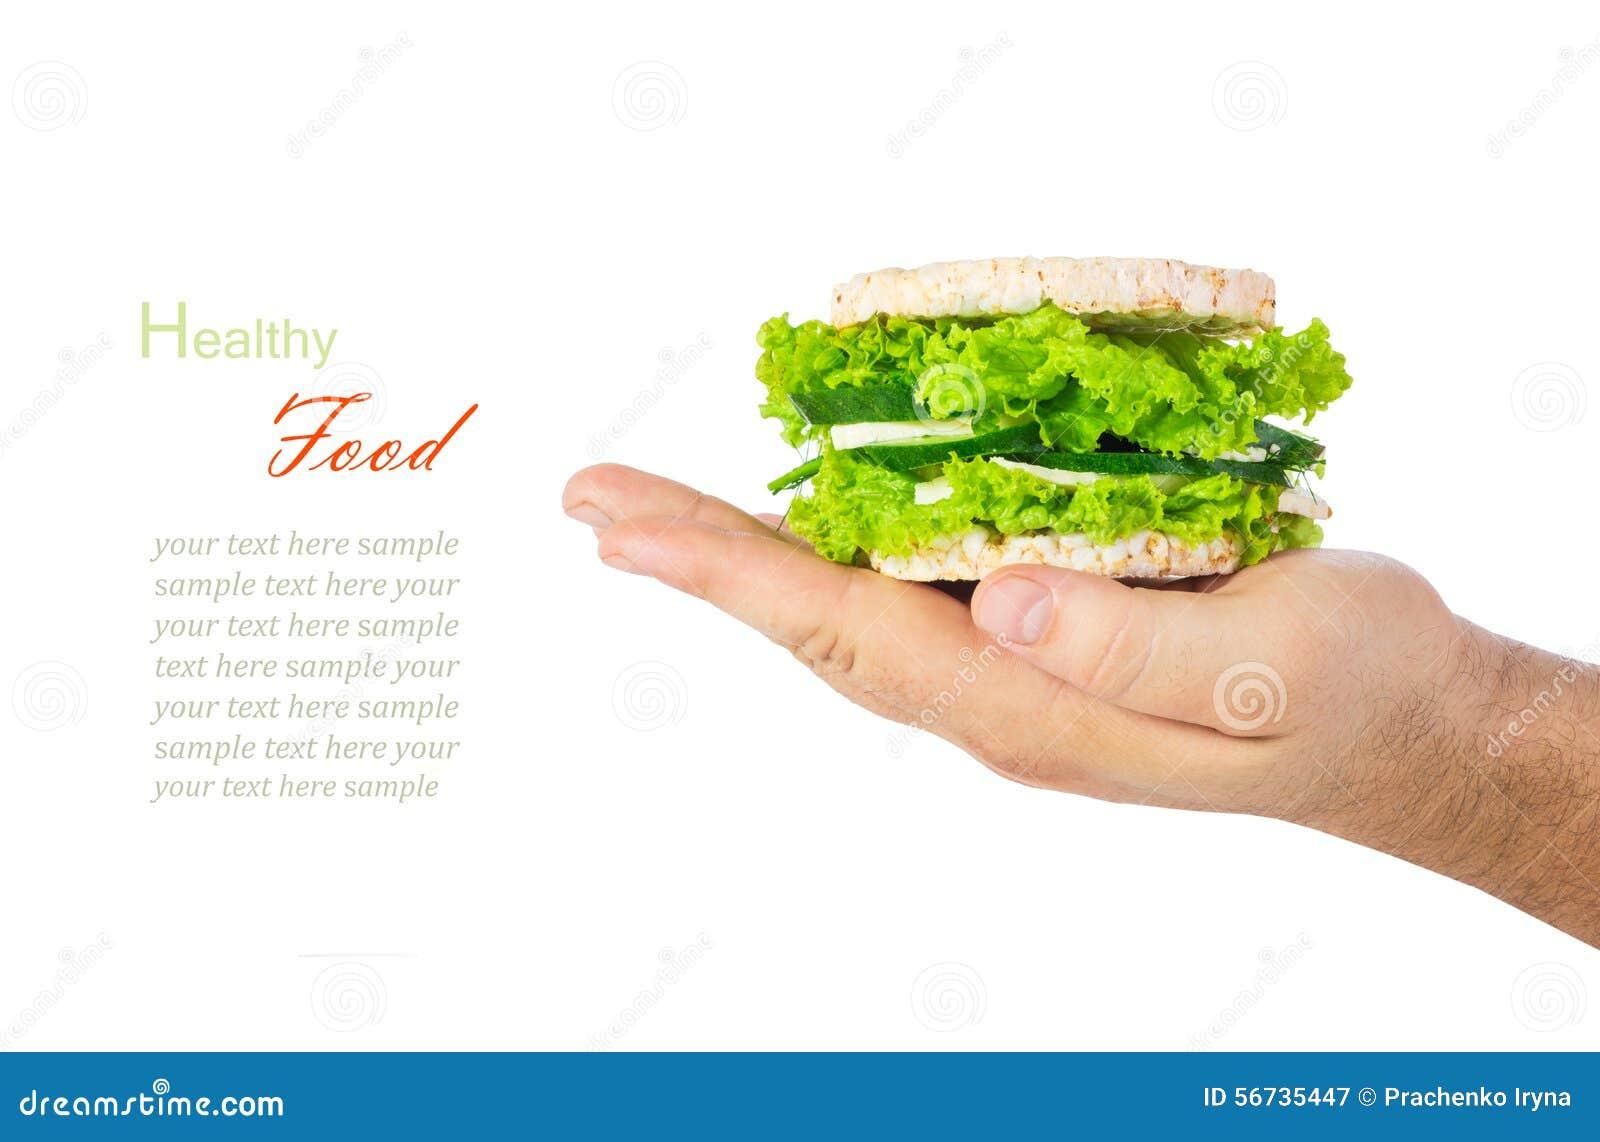 健康食物的概念,饮食,丢失的重量, vegeterian